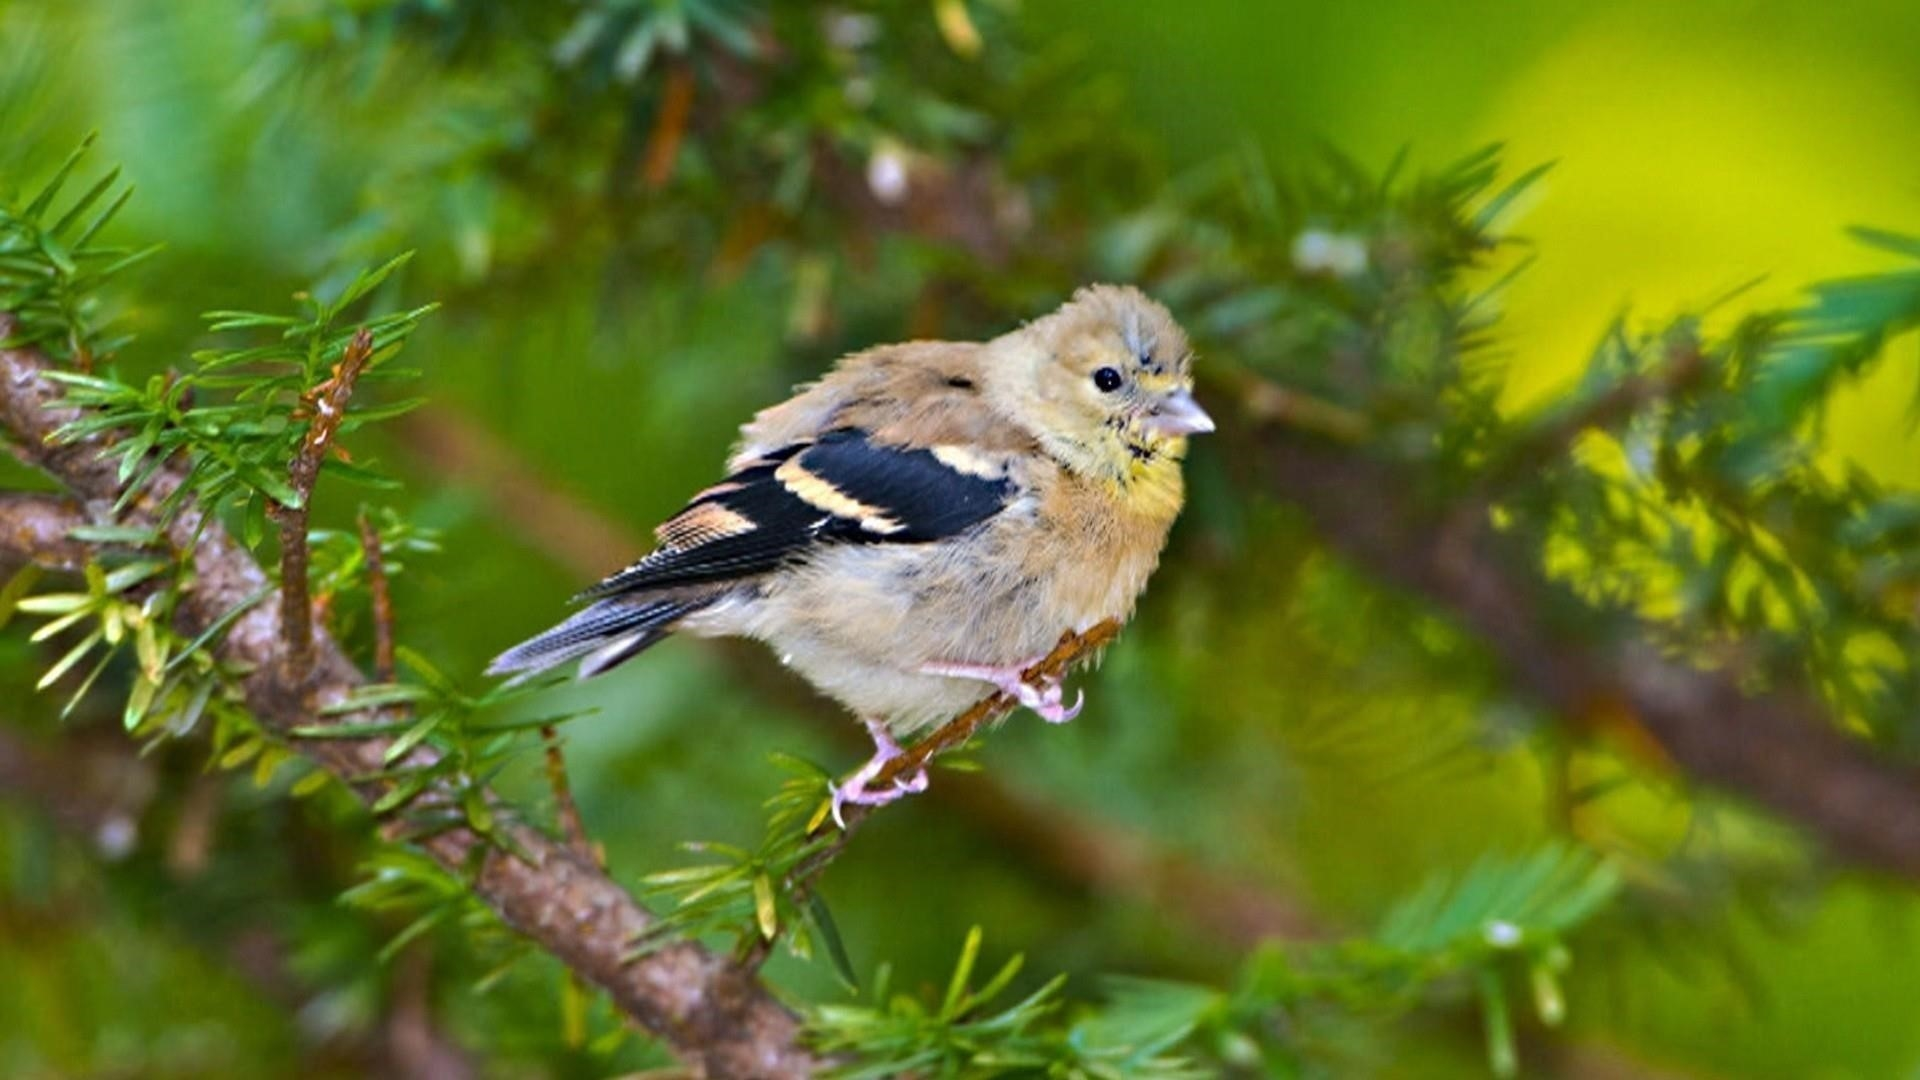 Черно коричневая птица на ветке дерева в зеленом размытом фоне птицы обои скачать